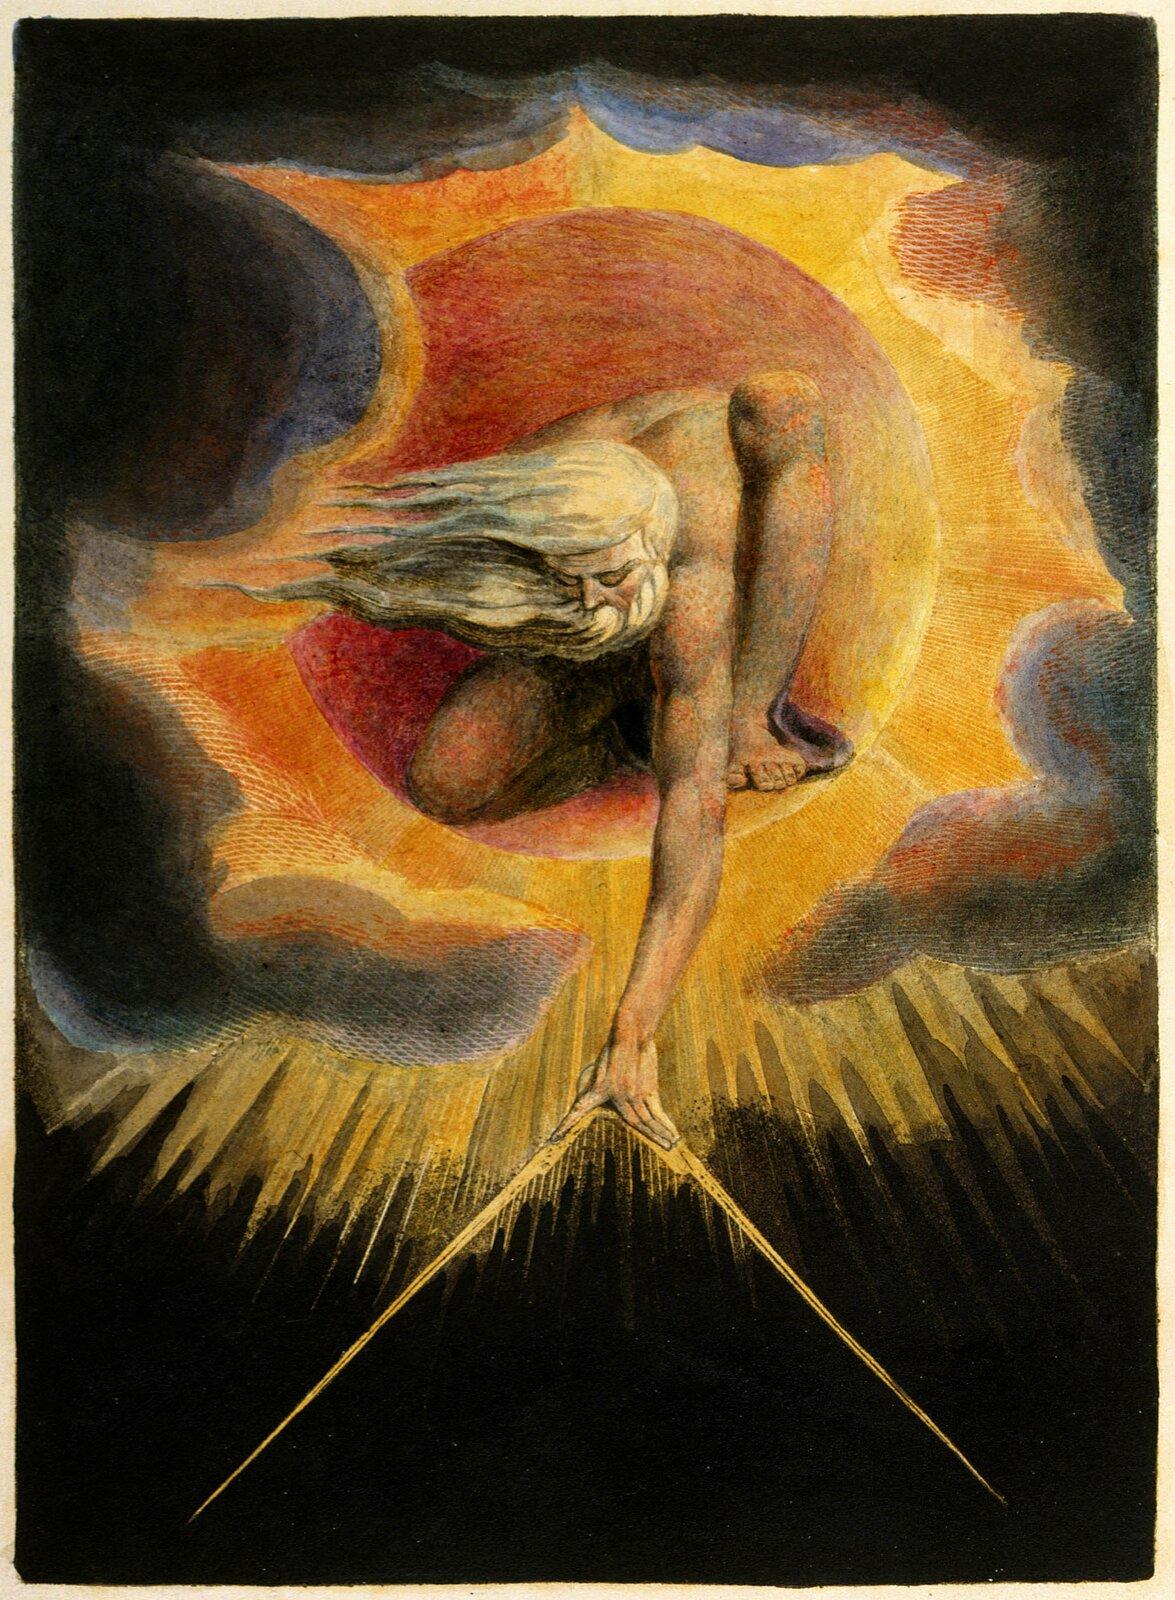 """Pan Stworzenia 2. Źródło: William Blake, Pan Stworzenia, 1794, grafika (frontyspis księgi """"Europa: Proroctwo""""), British Museum, Londyn , domena publiczna."""